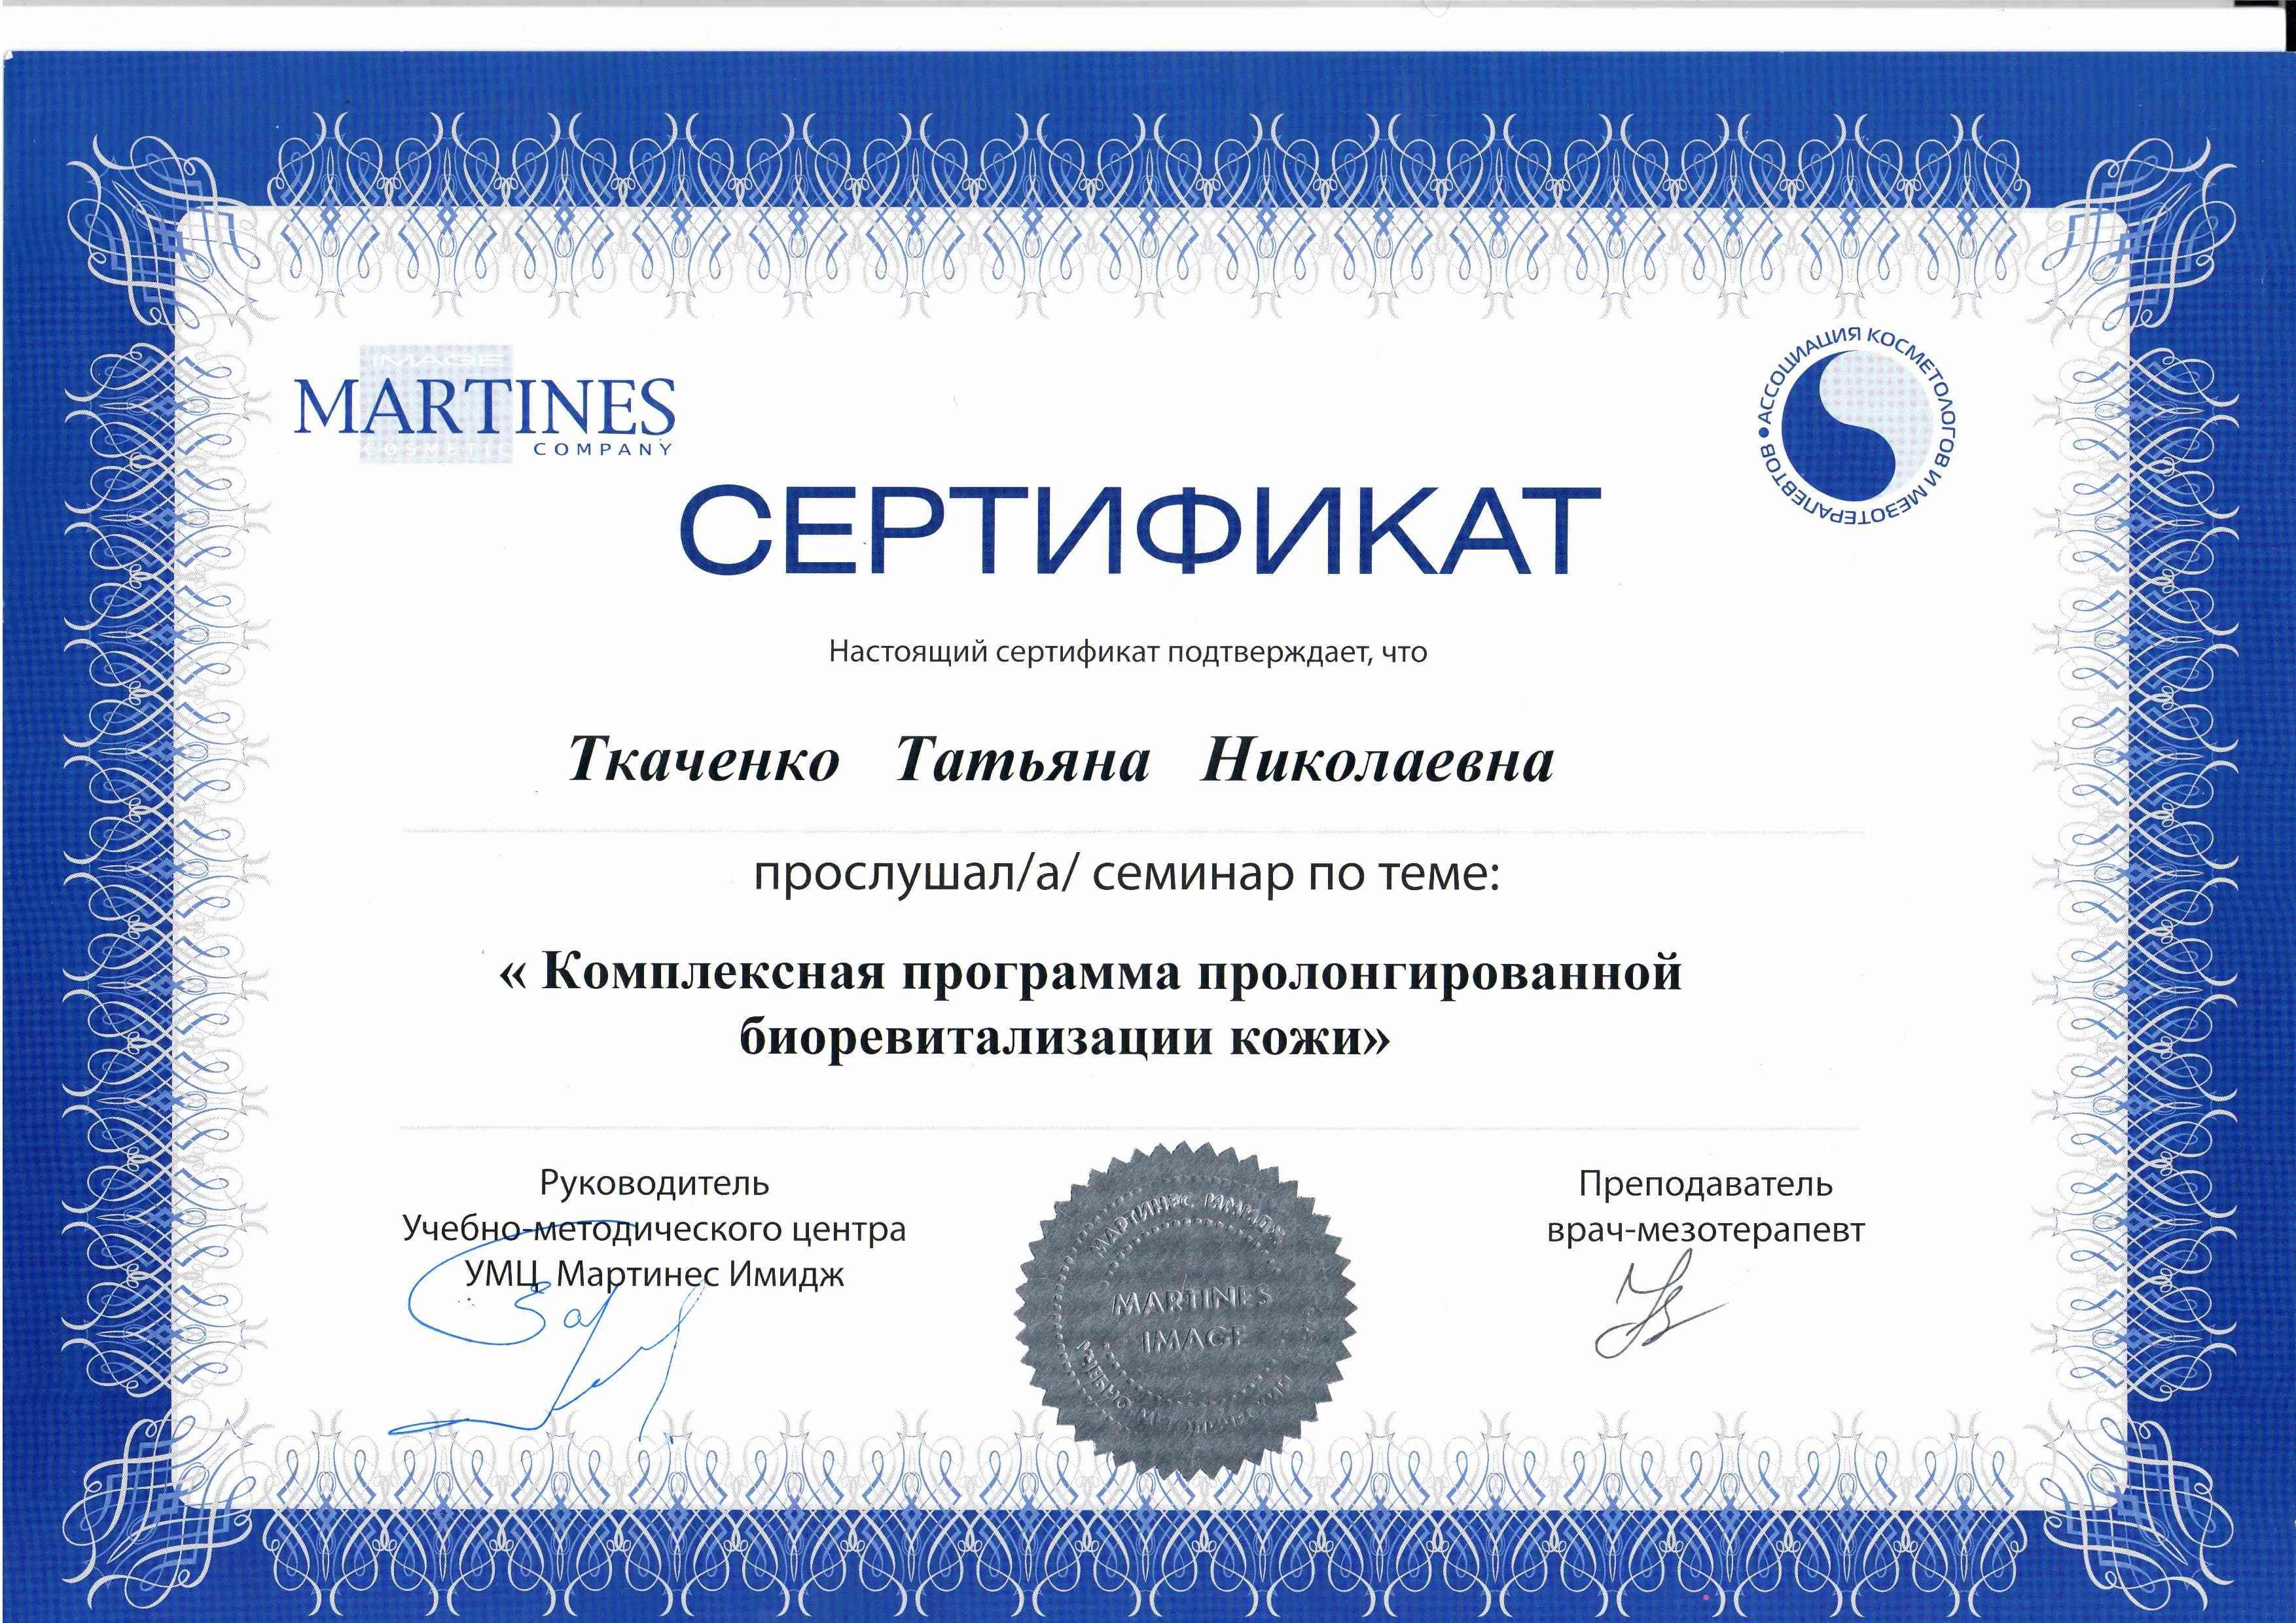 2012 Комплексная программа пролонгированной биоревитализации кожи